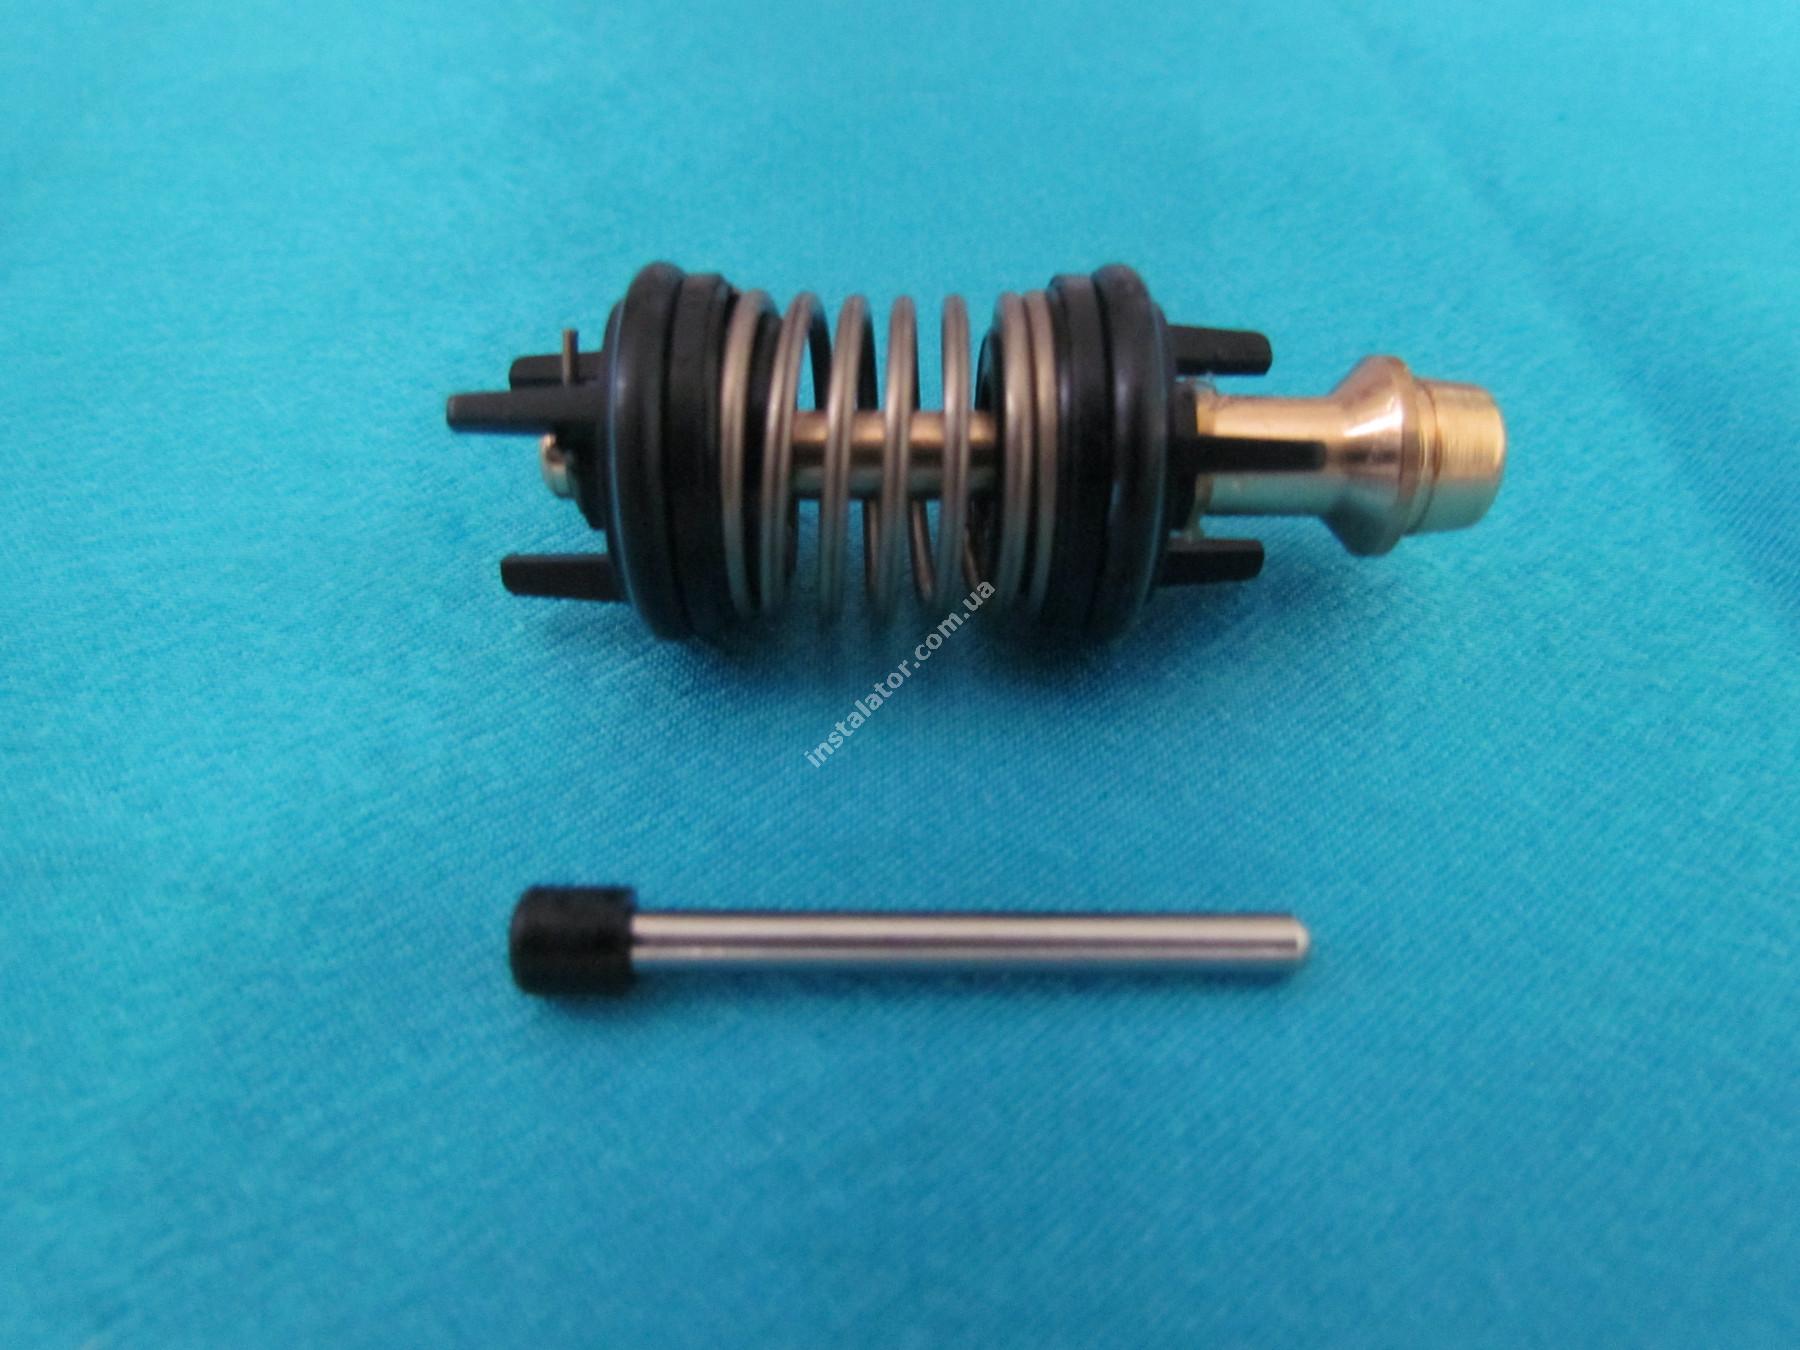 65105144 Шток 3-х ходового клапана ARISTON UNO full-image-2